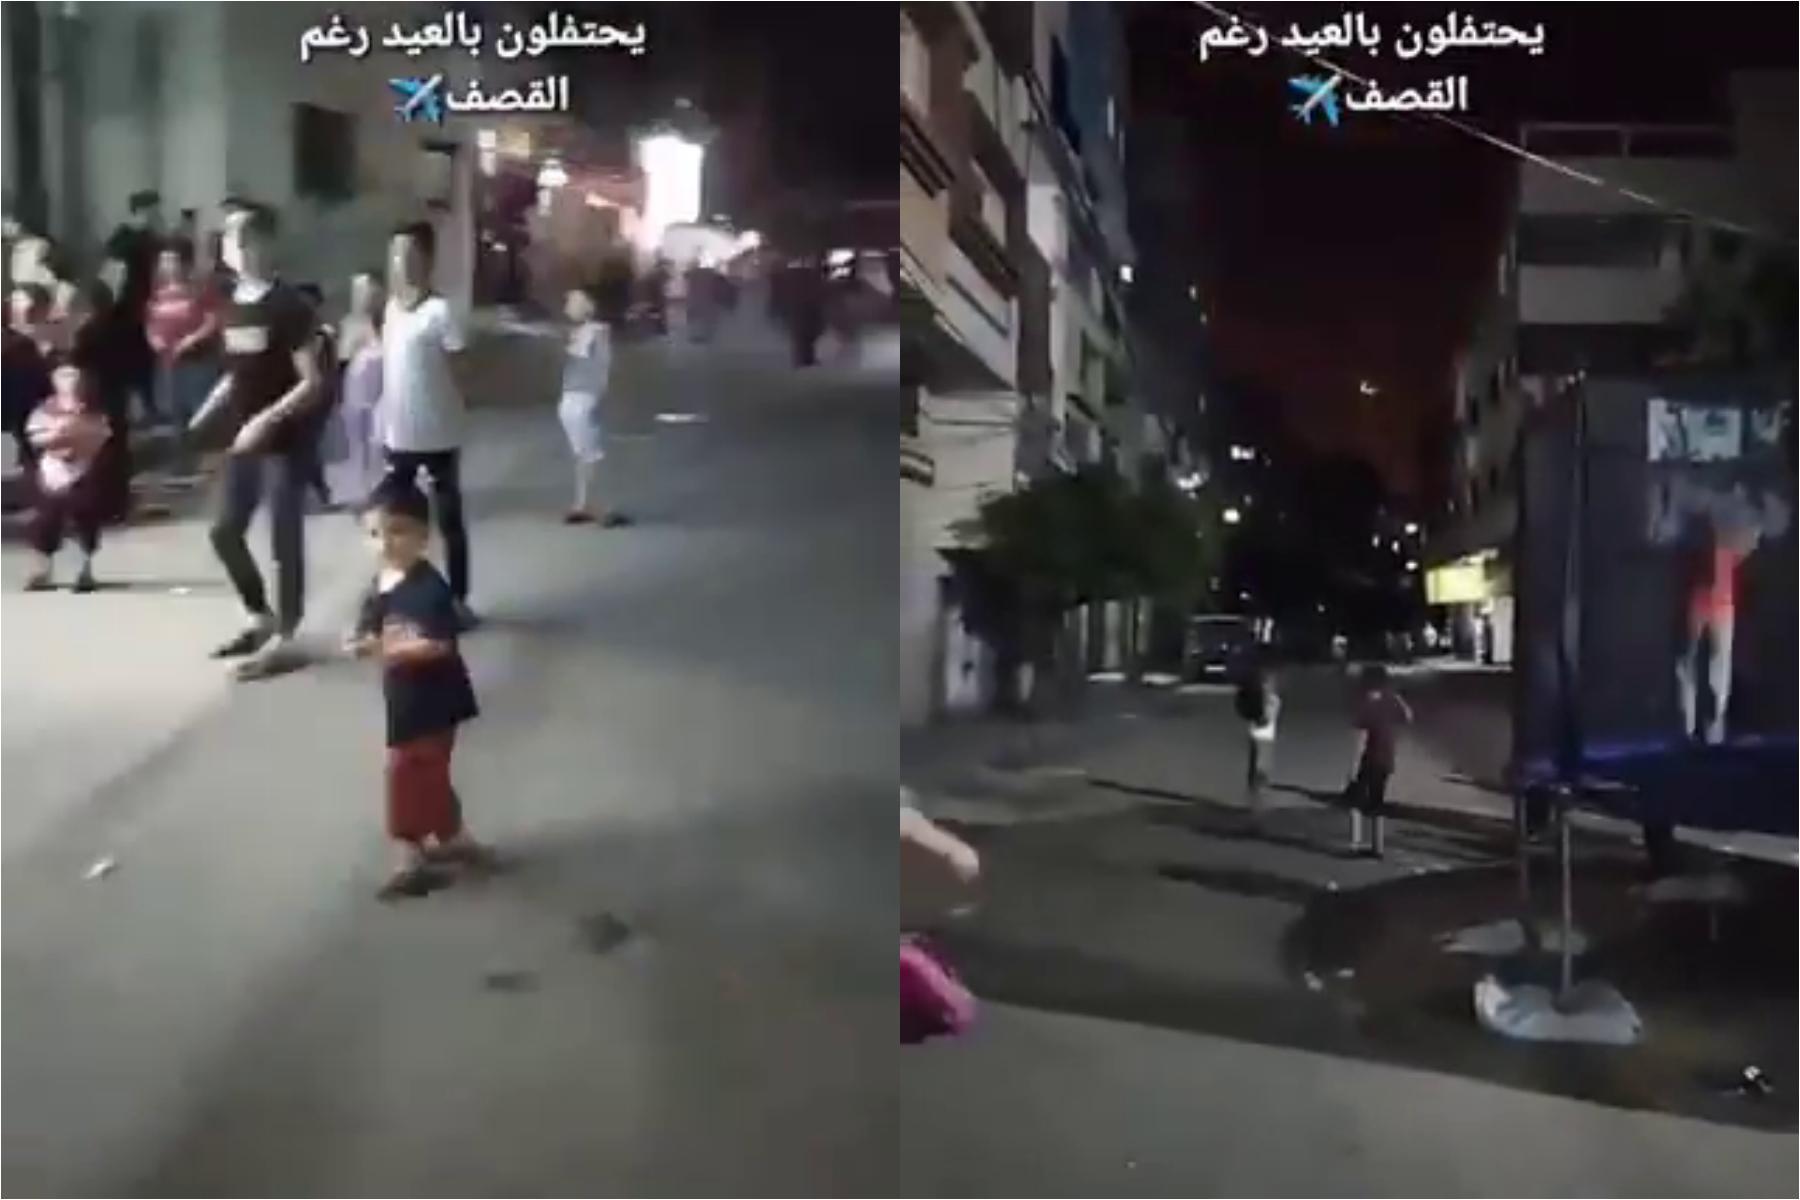 Imagini halucinante din infernul din Gaza. Copiii se joacă în stradă în timp ce bombele cad peste oraș. VIDEO